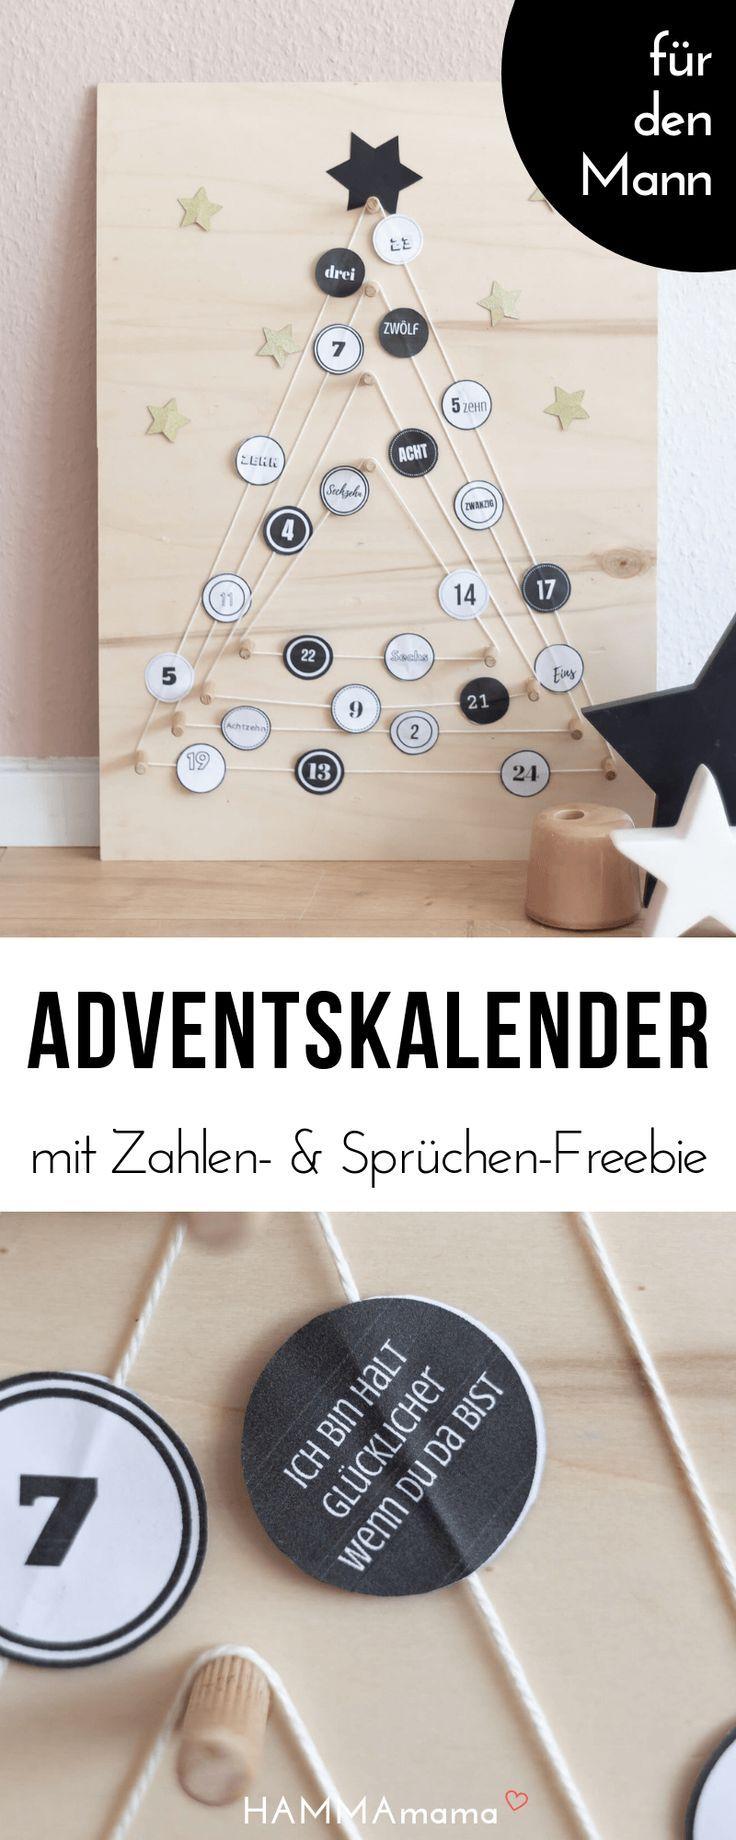 DIY-Adventskalender für den Mann mit Adventskalenderzahlen für umme und einer Füllung aus Liebe